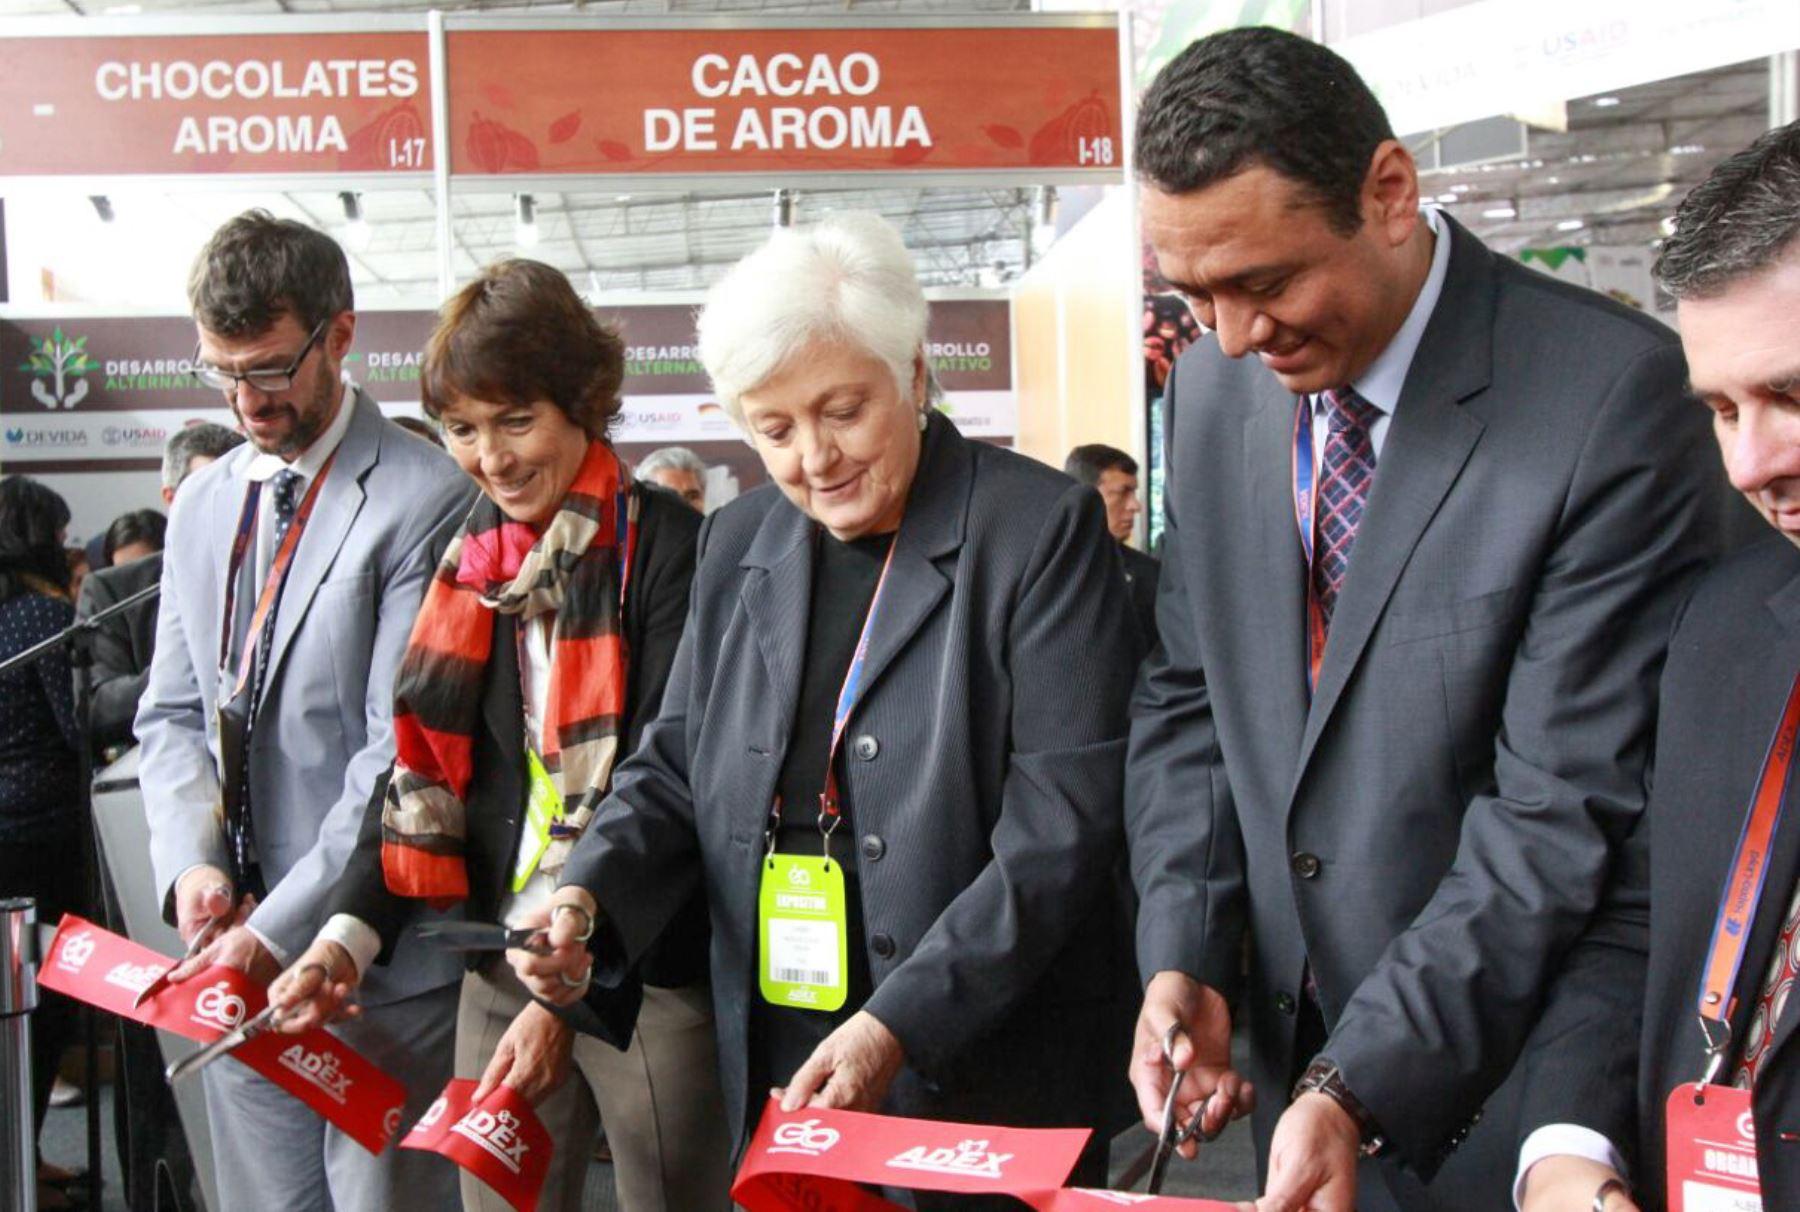 Foto: ANDINA La presidenta de Devida inauguró un pabellón de productores de cacao y chocolate en la feria Expoalimentaria.